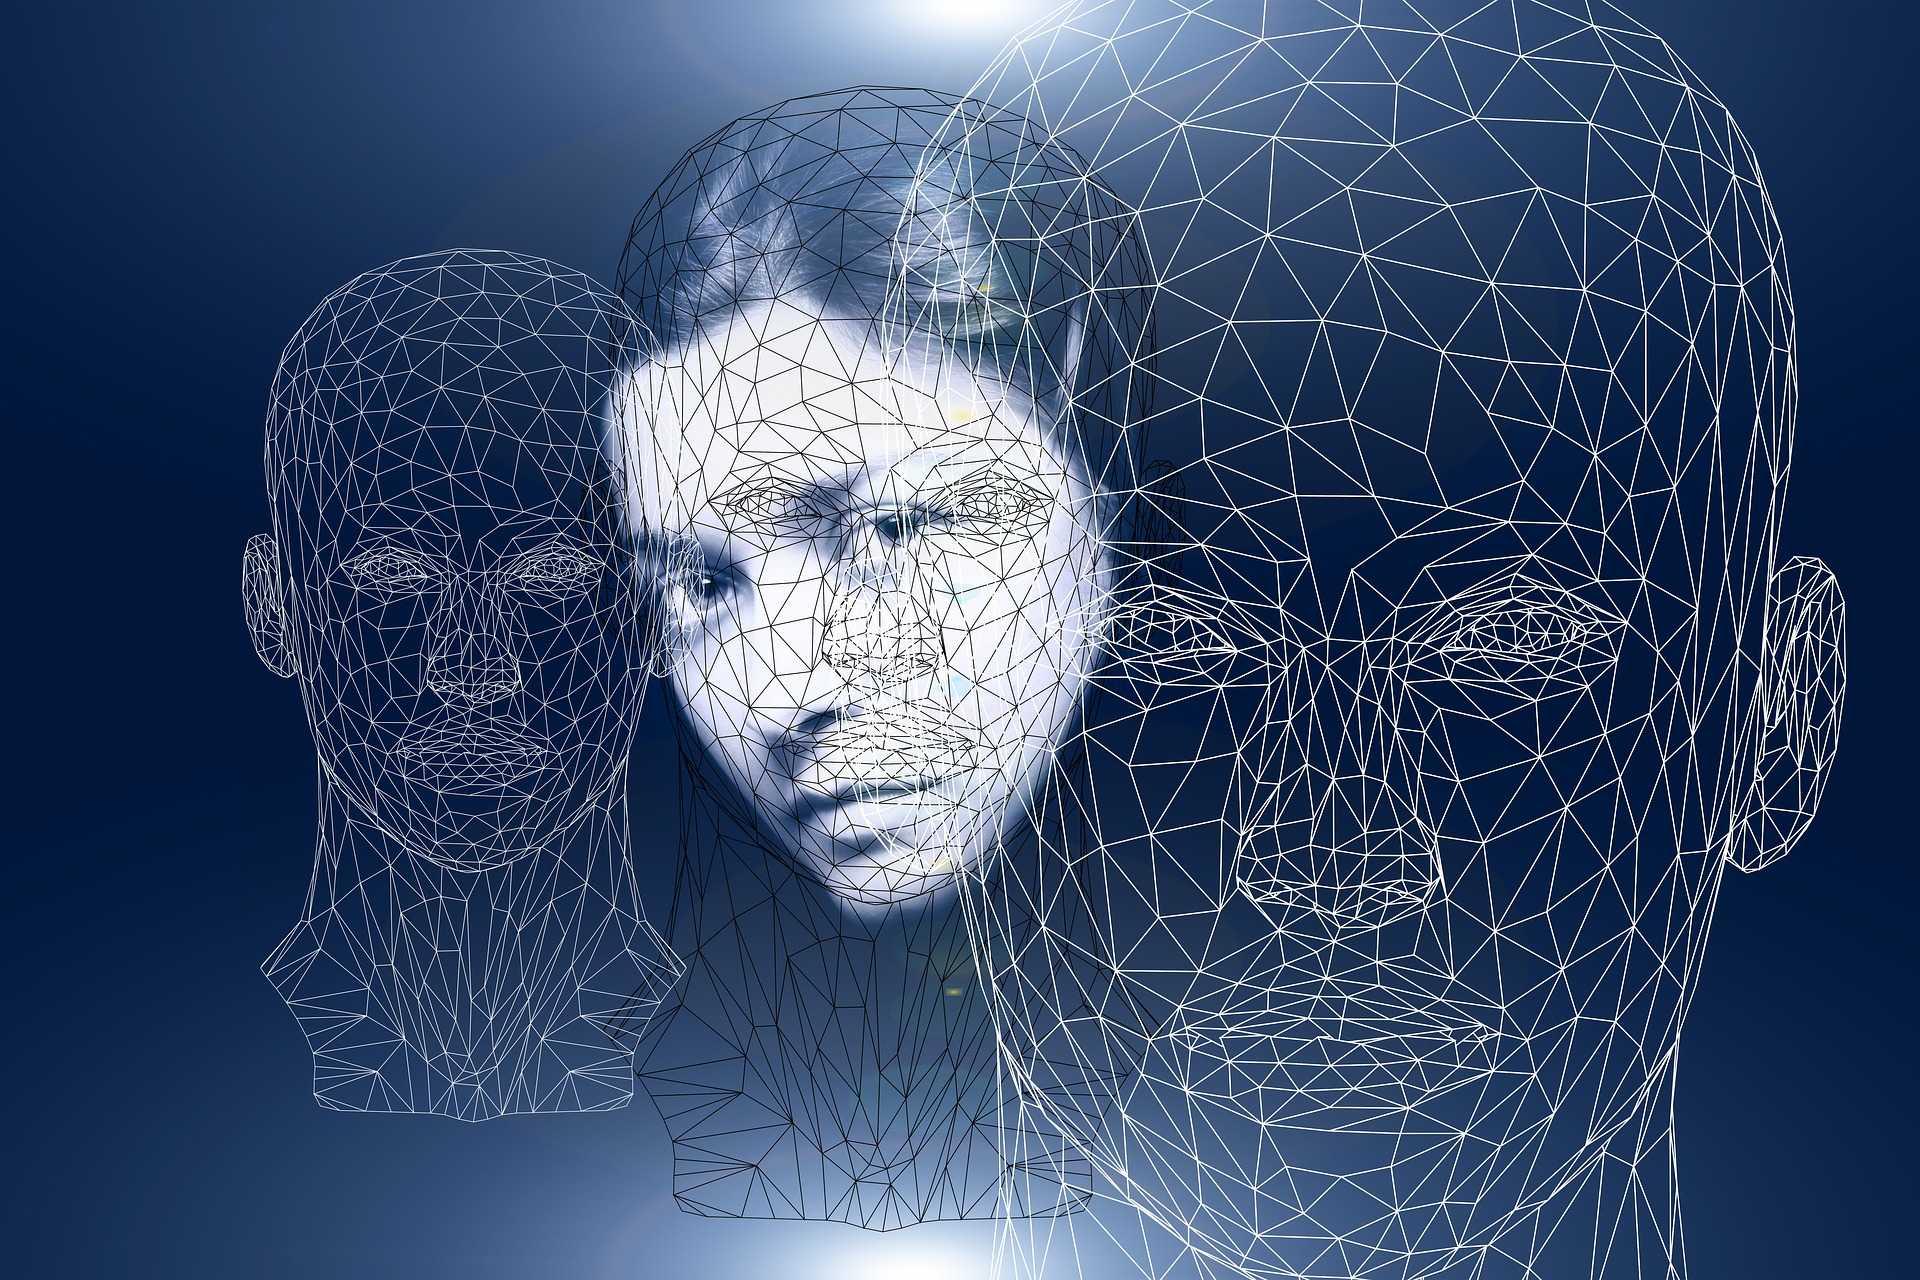 רגעי מפגש - פסיכותרפיה גופנית הוליסטית, מכללת כרכור. מאמר מתורגם